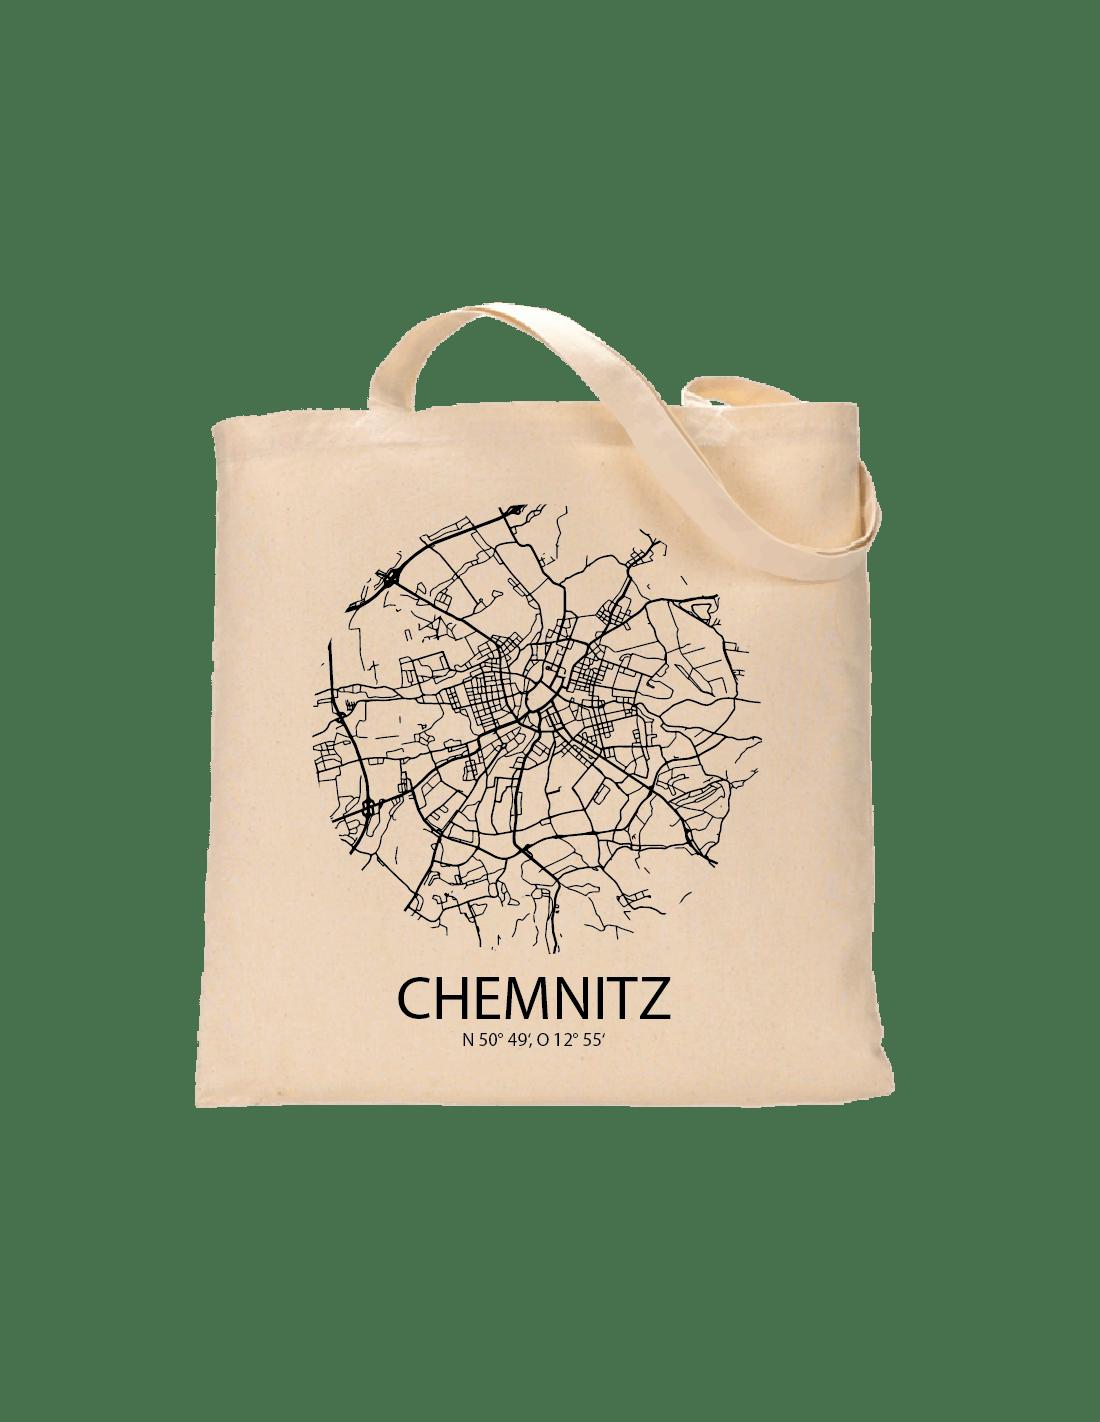 Sky Chemnitz